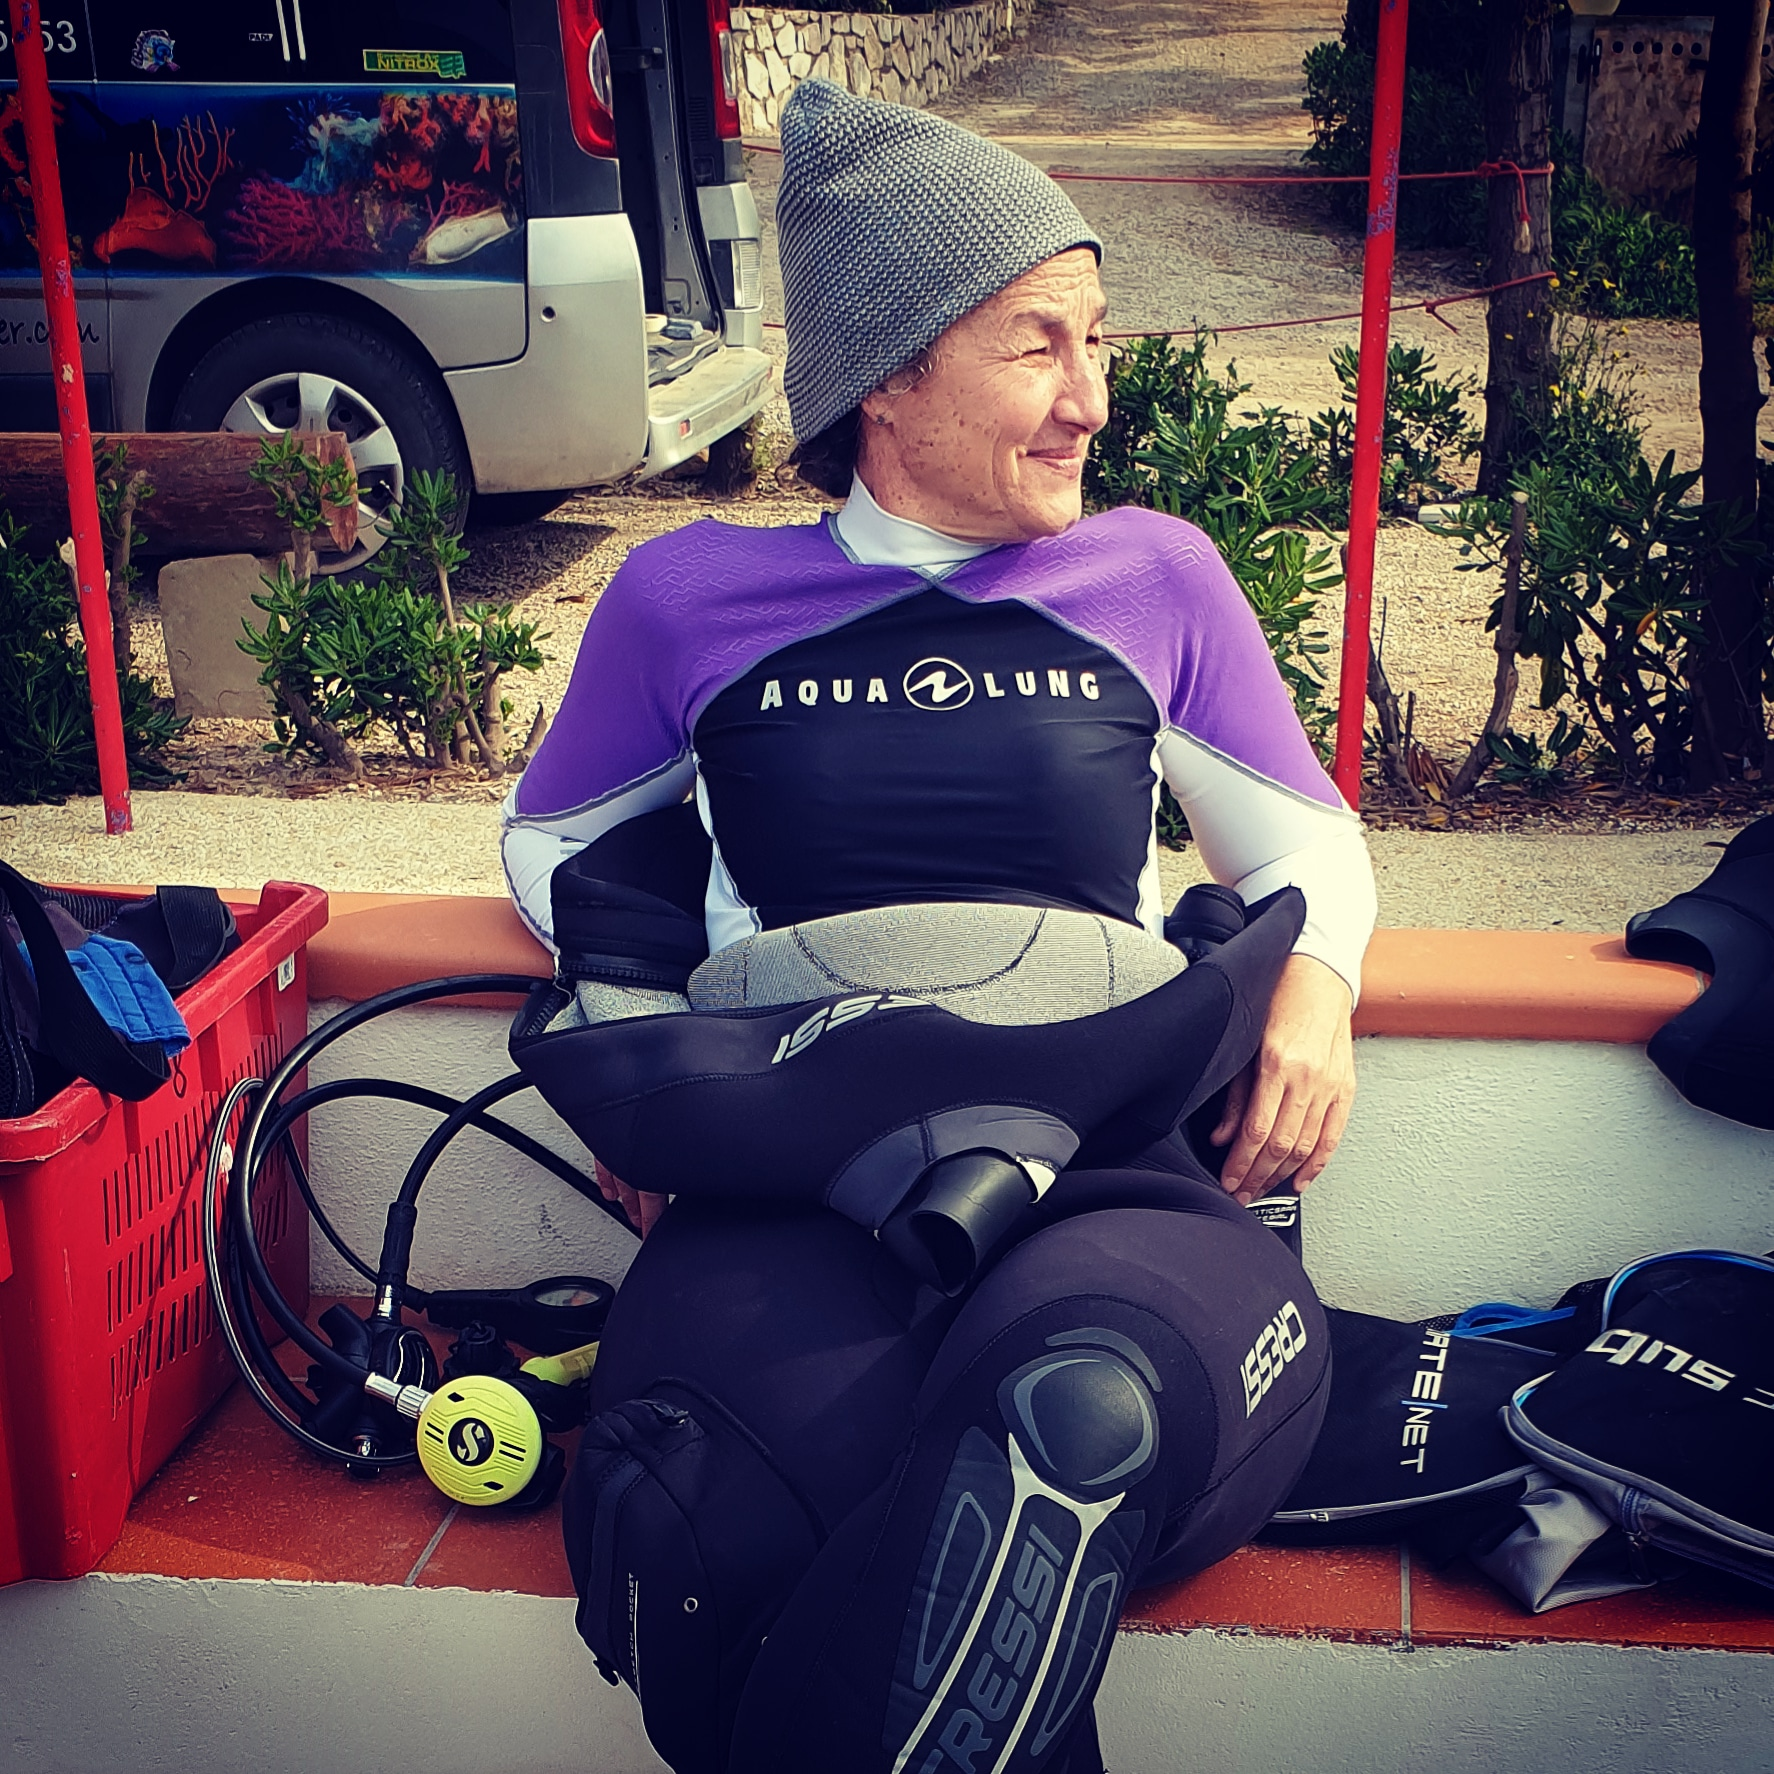 Relax dopo immersione profonda...